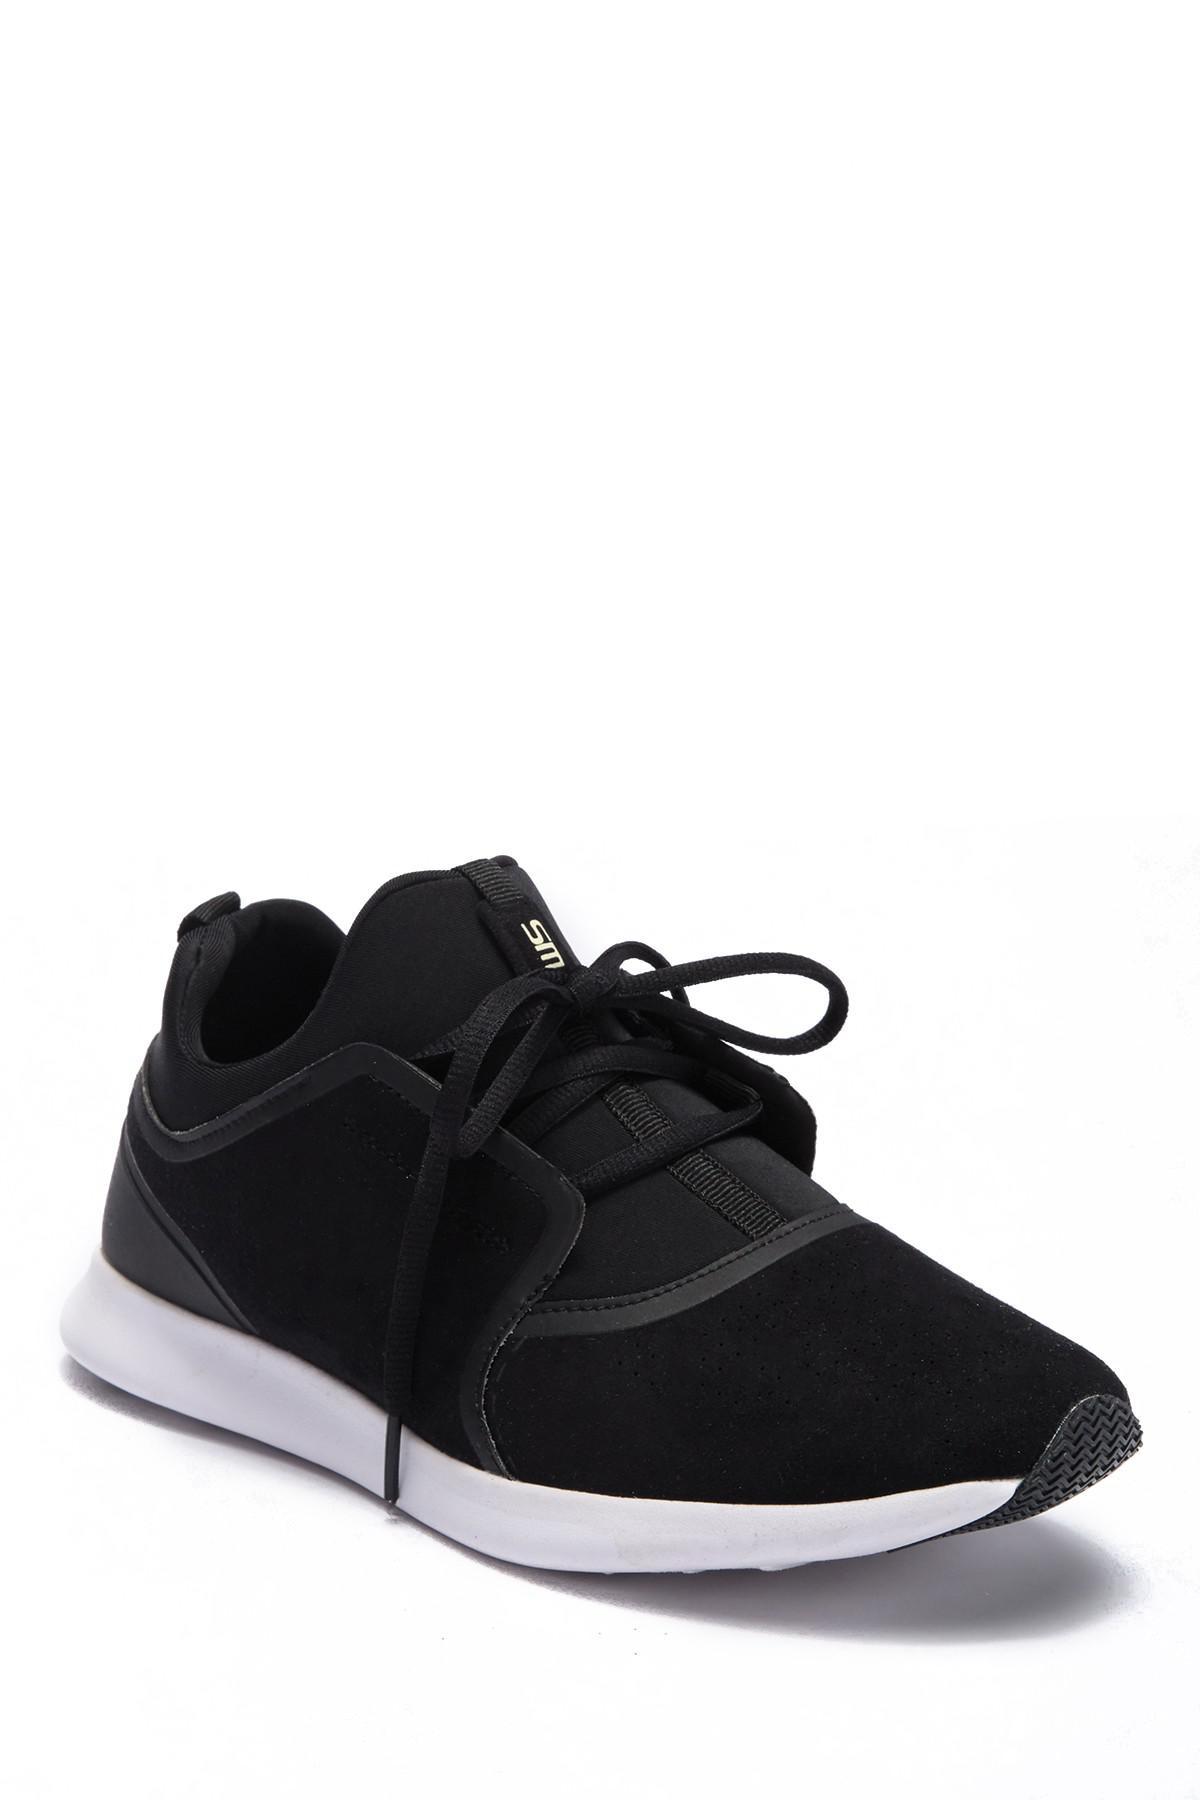 550b564355c Steve Madden Chyll Update Sneaker in Black for Men - Lyst